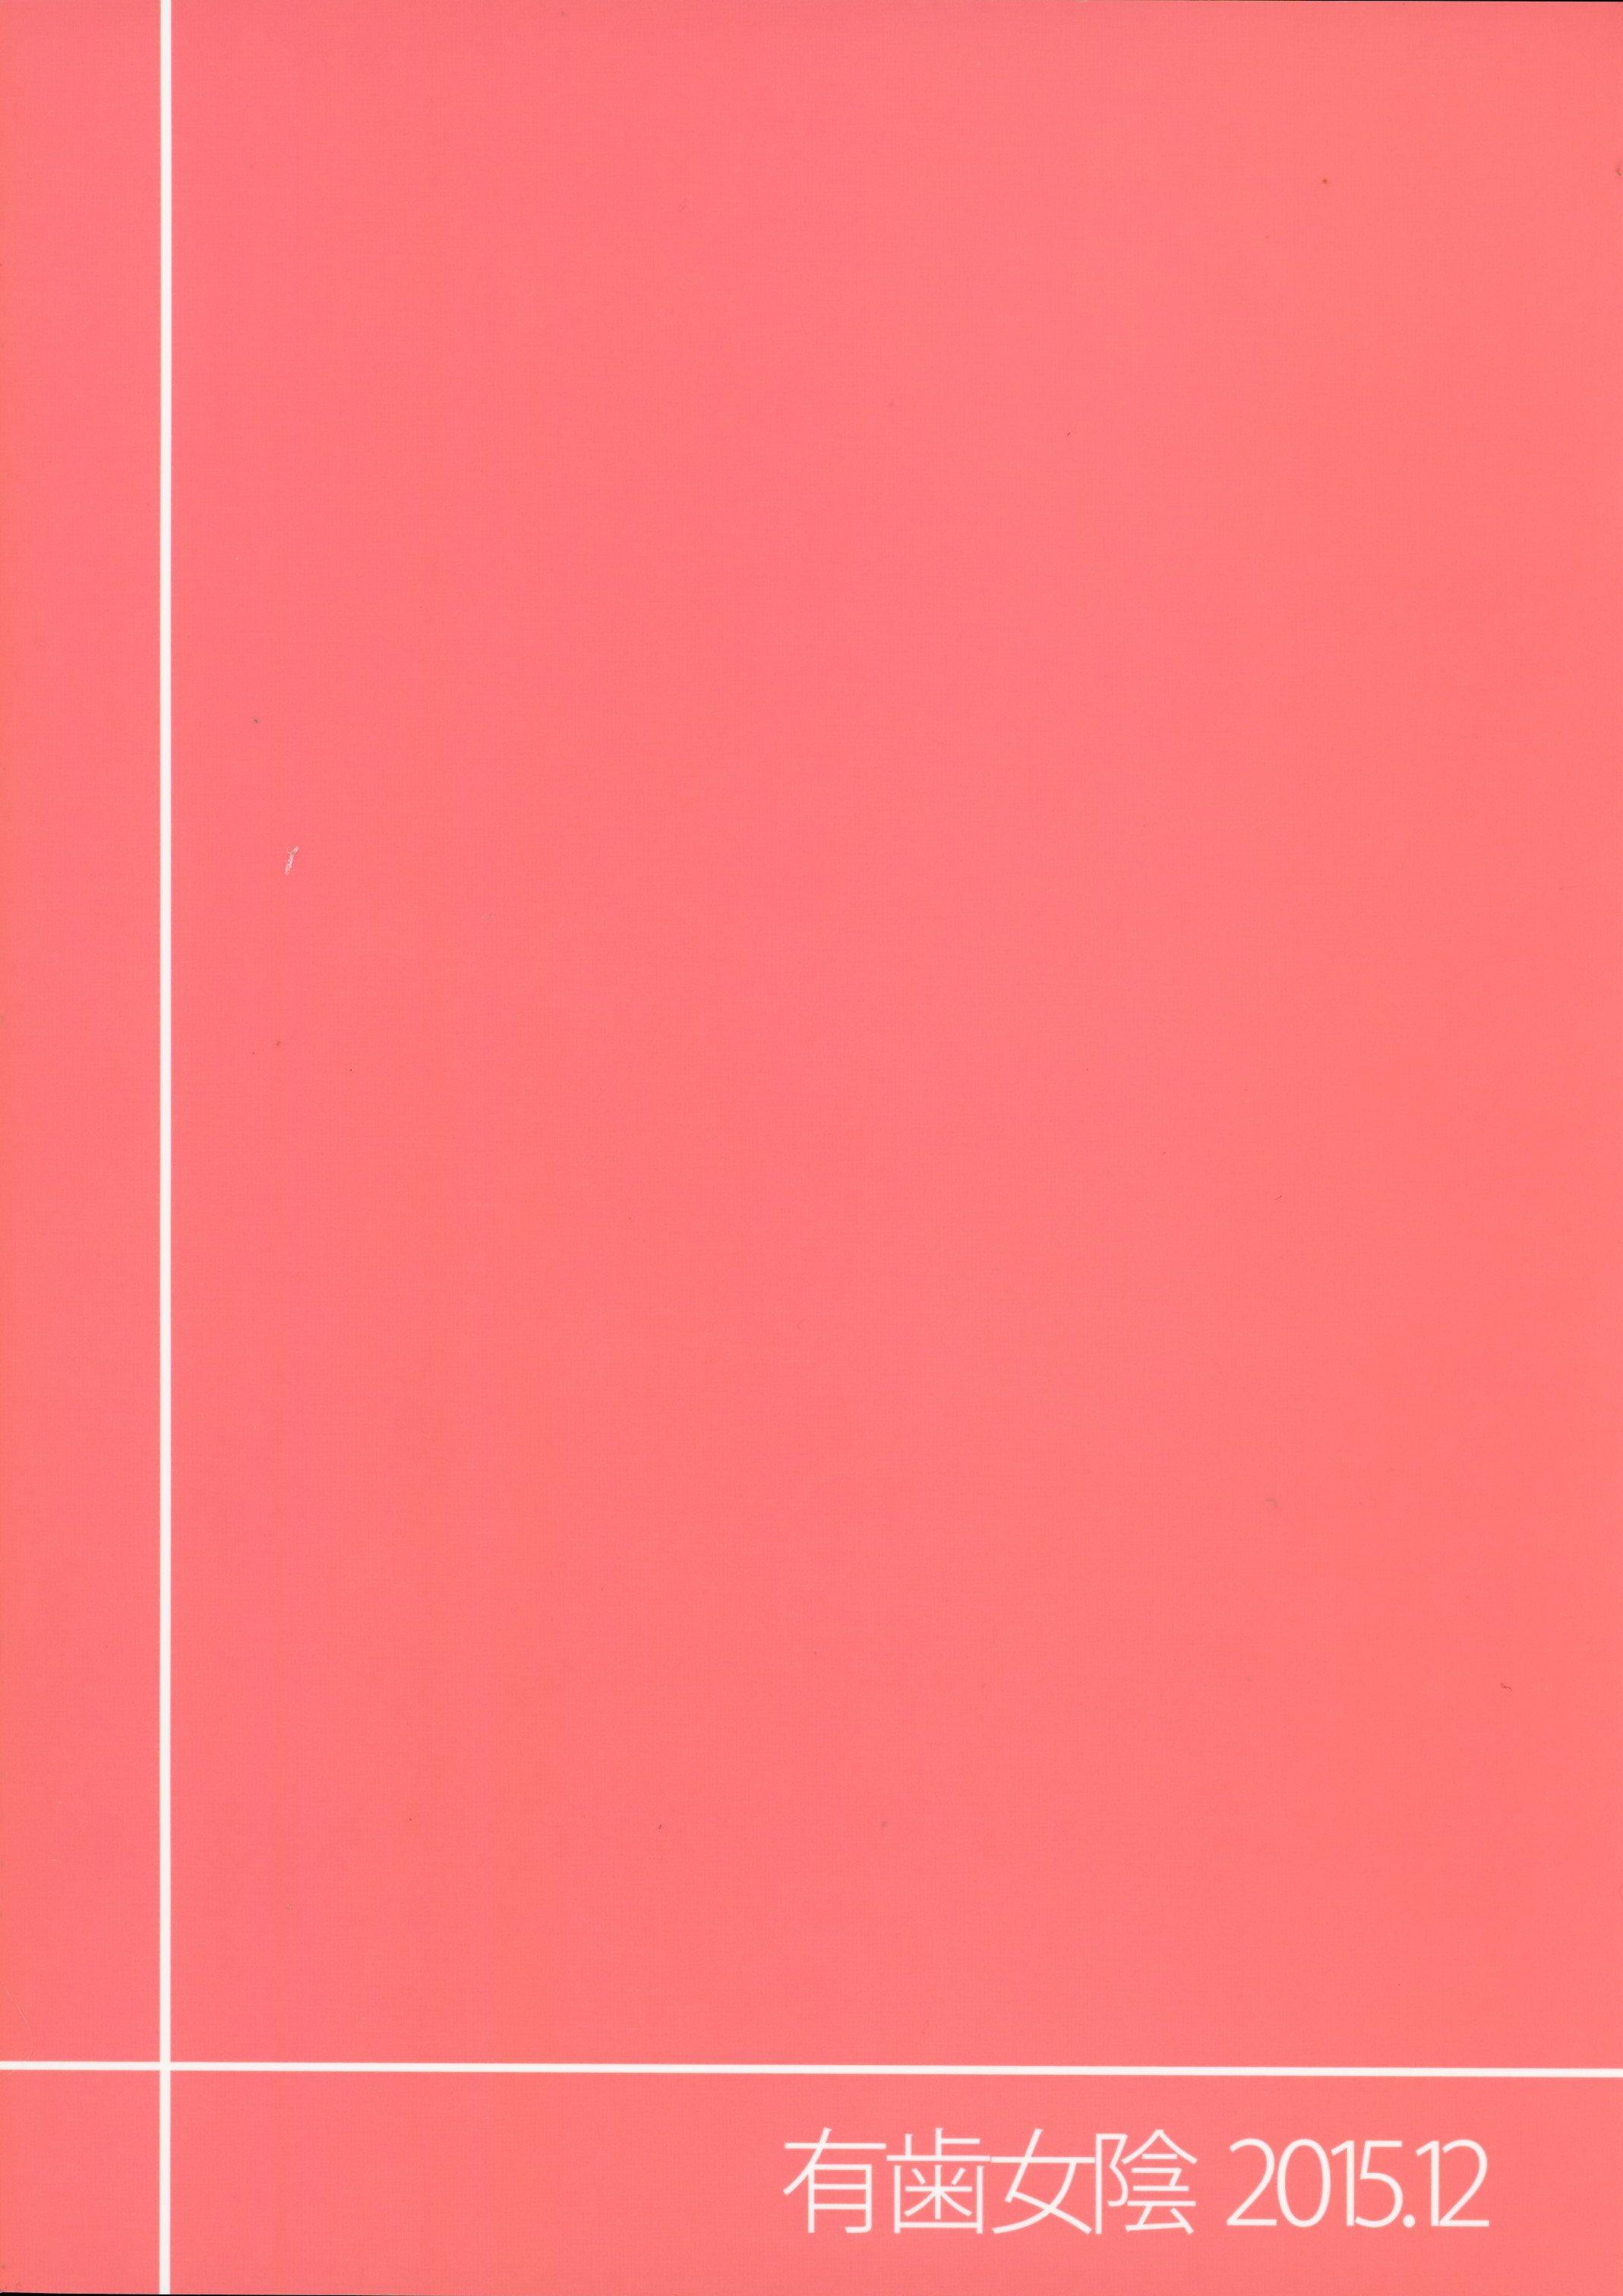 【プリパラエロ同人誌】無毛ちっぱいなみれぃちゃんといちゃいちゃコスプレSEXwww膣内射精(なかだし)されないために濃厚フェラで精子搾り取ってたのに生巨根チンコ突っ込まれたらチンポの快楽に負けちゃって大量膣内射精(なかだし)で激イキしてるwww【南みれぃ】